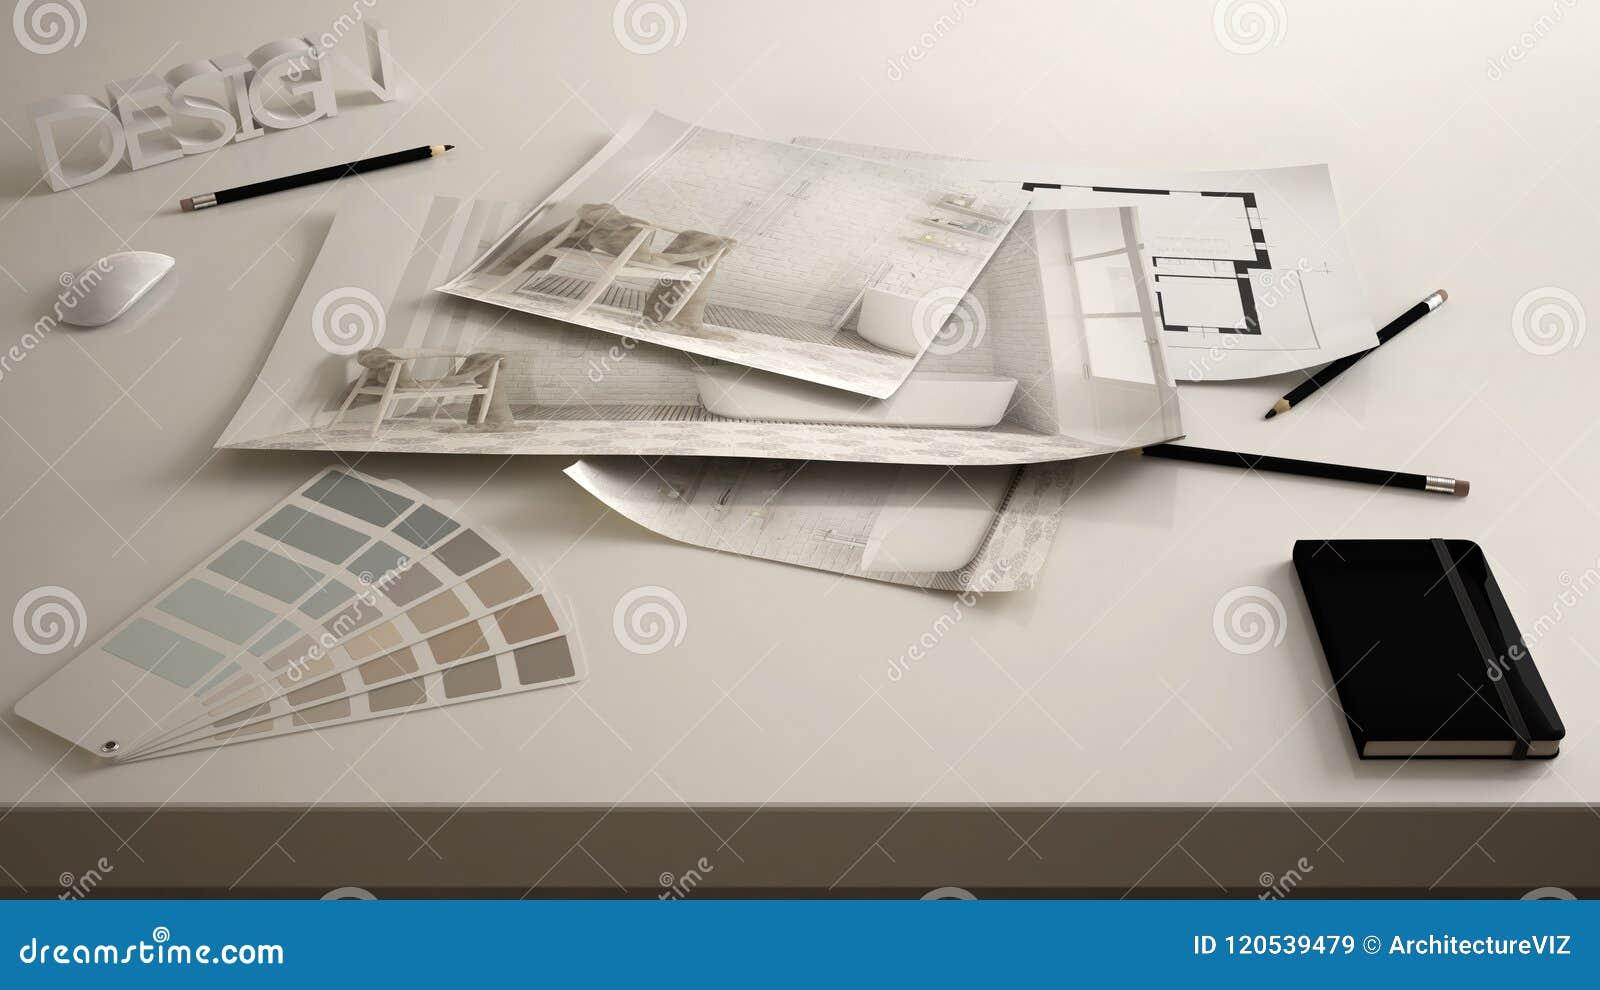 Architekta projektanta pojęcie, stół zamknięty z wewnętrznym odświeżanie szkicem up, łazienka wewnętrznego projekta projekta rysu